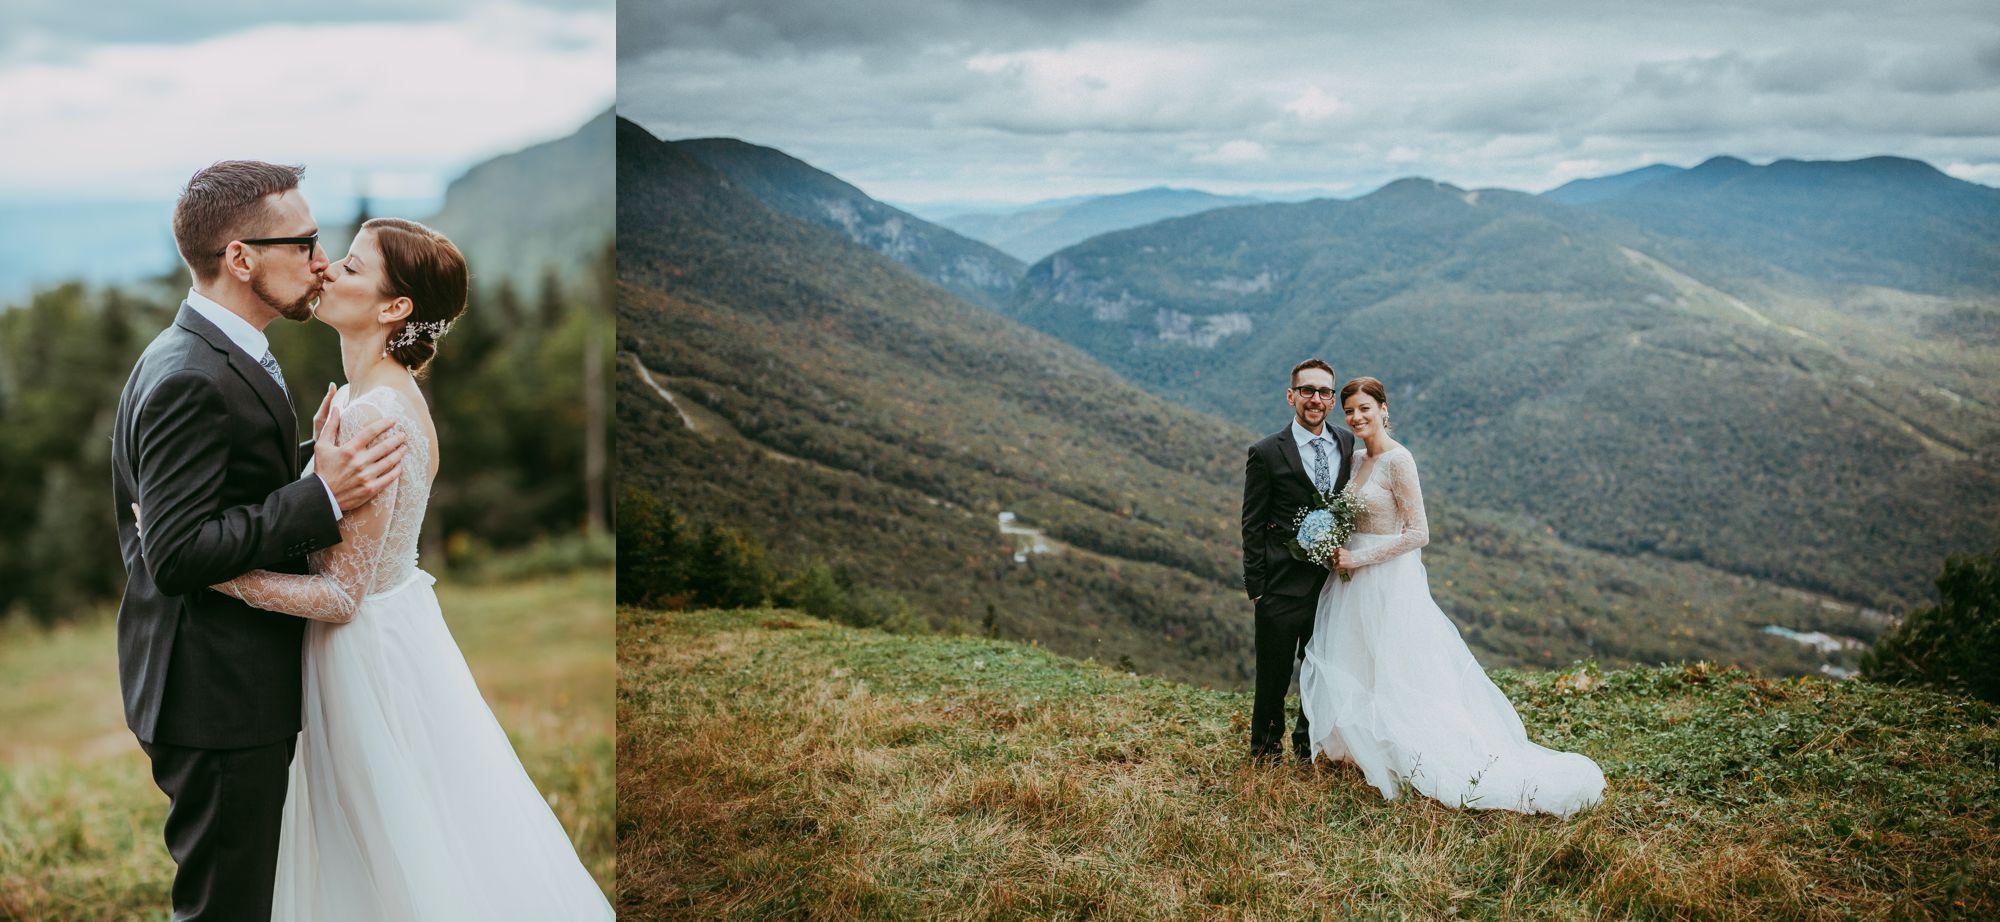 Mt Mansfield Fall Wedding